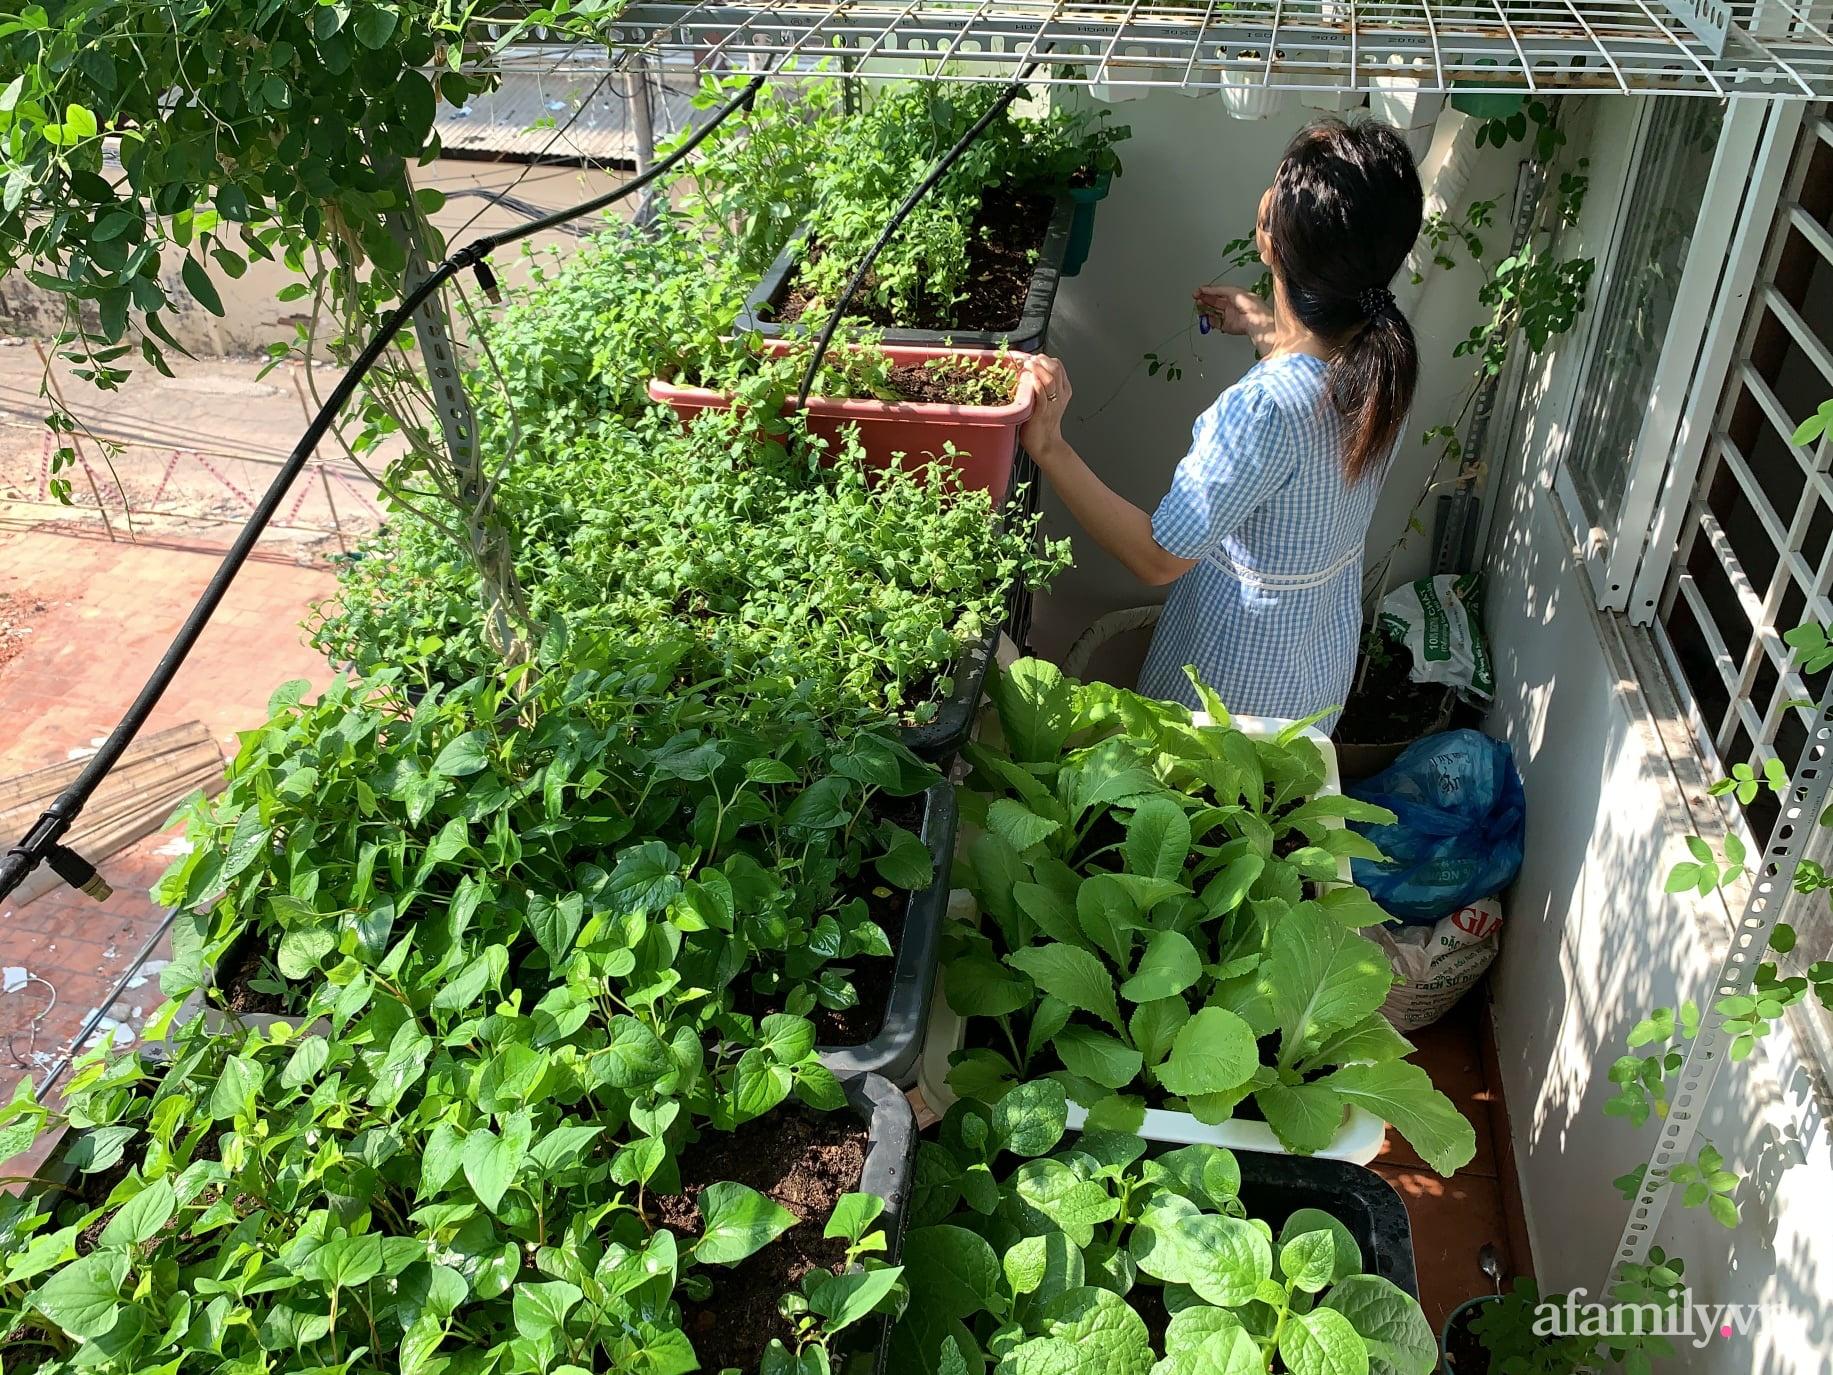 Ban công 3m² phủ kín rau sạch quanh năm tươi tốt của ông bố đảm 3 con ở Bình Thạnh, Sài Gòn - Ảnh 2.